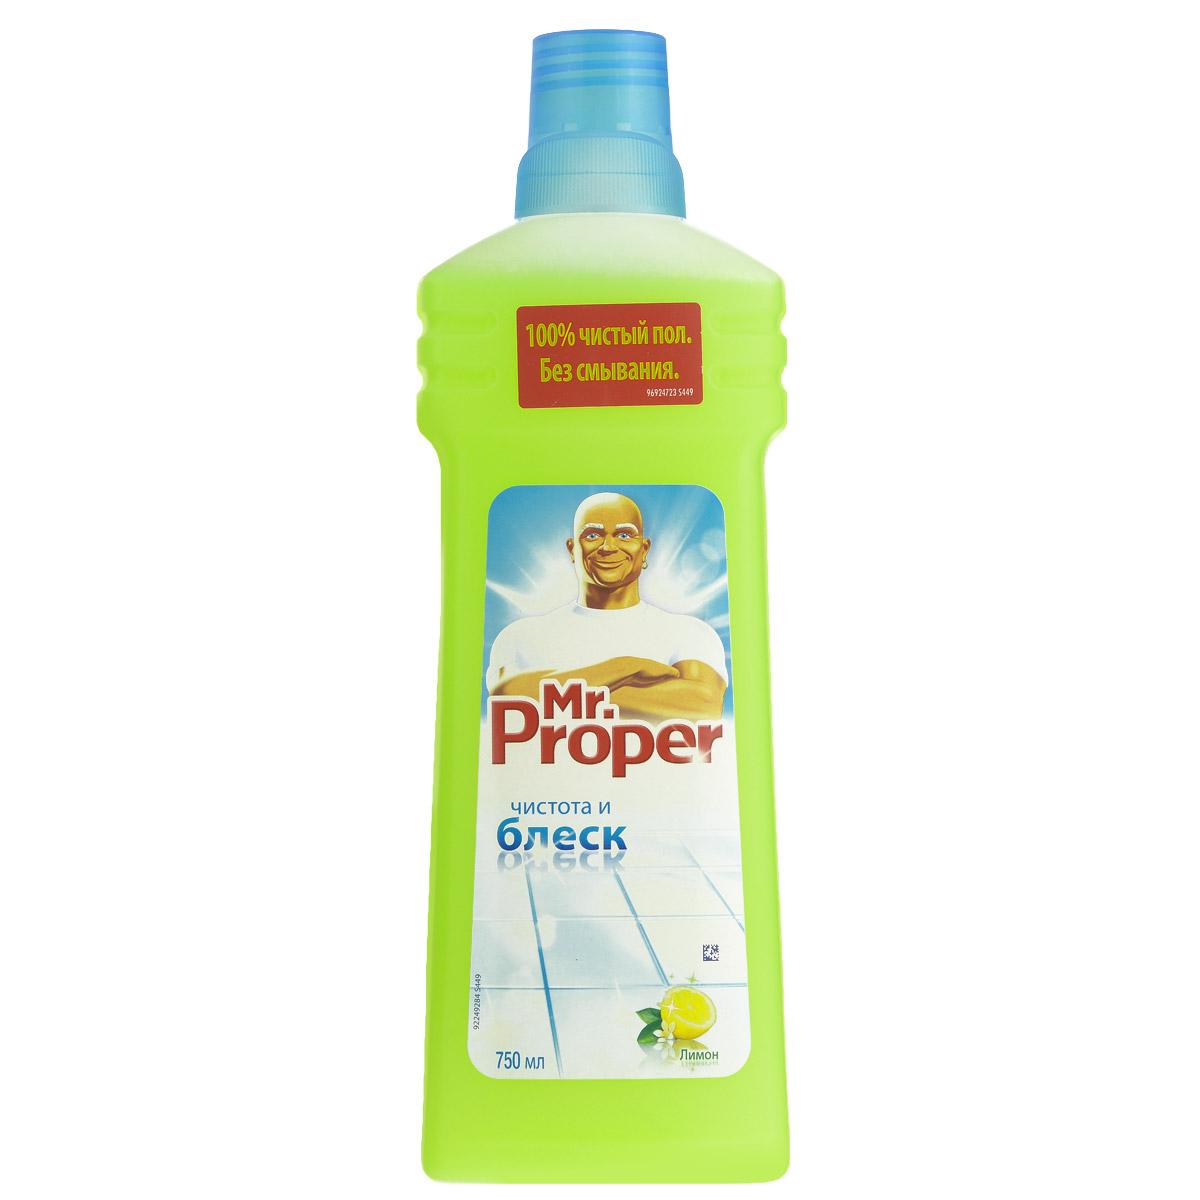 """Моющая жидкость для уборки Mr. Proper """"Лимон"""", 750 мл"""